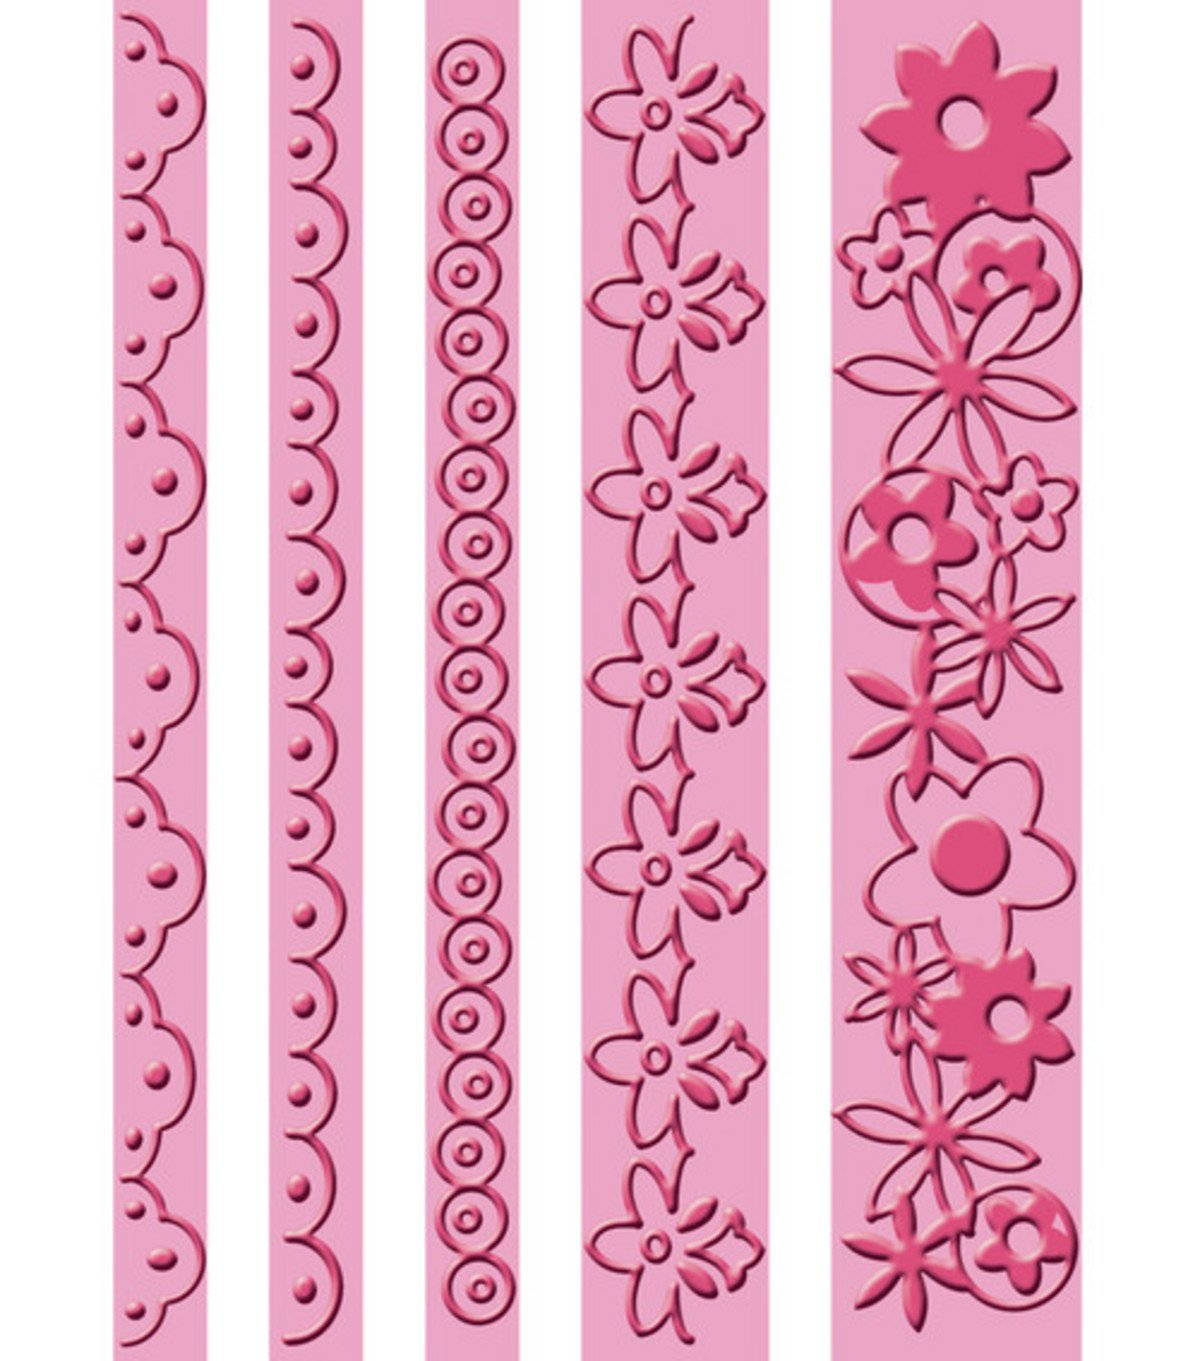 Unbekannt Cricut Cuttlebug Prägeschablone, Rüschen-Bordüren, 10,8x14cm Rüschen-Bordüren 8x14cm 37-1172